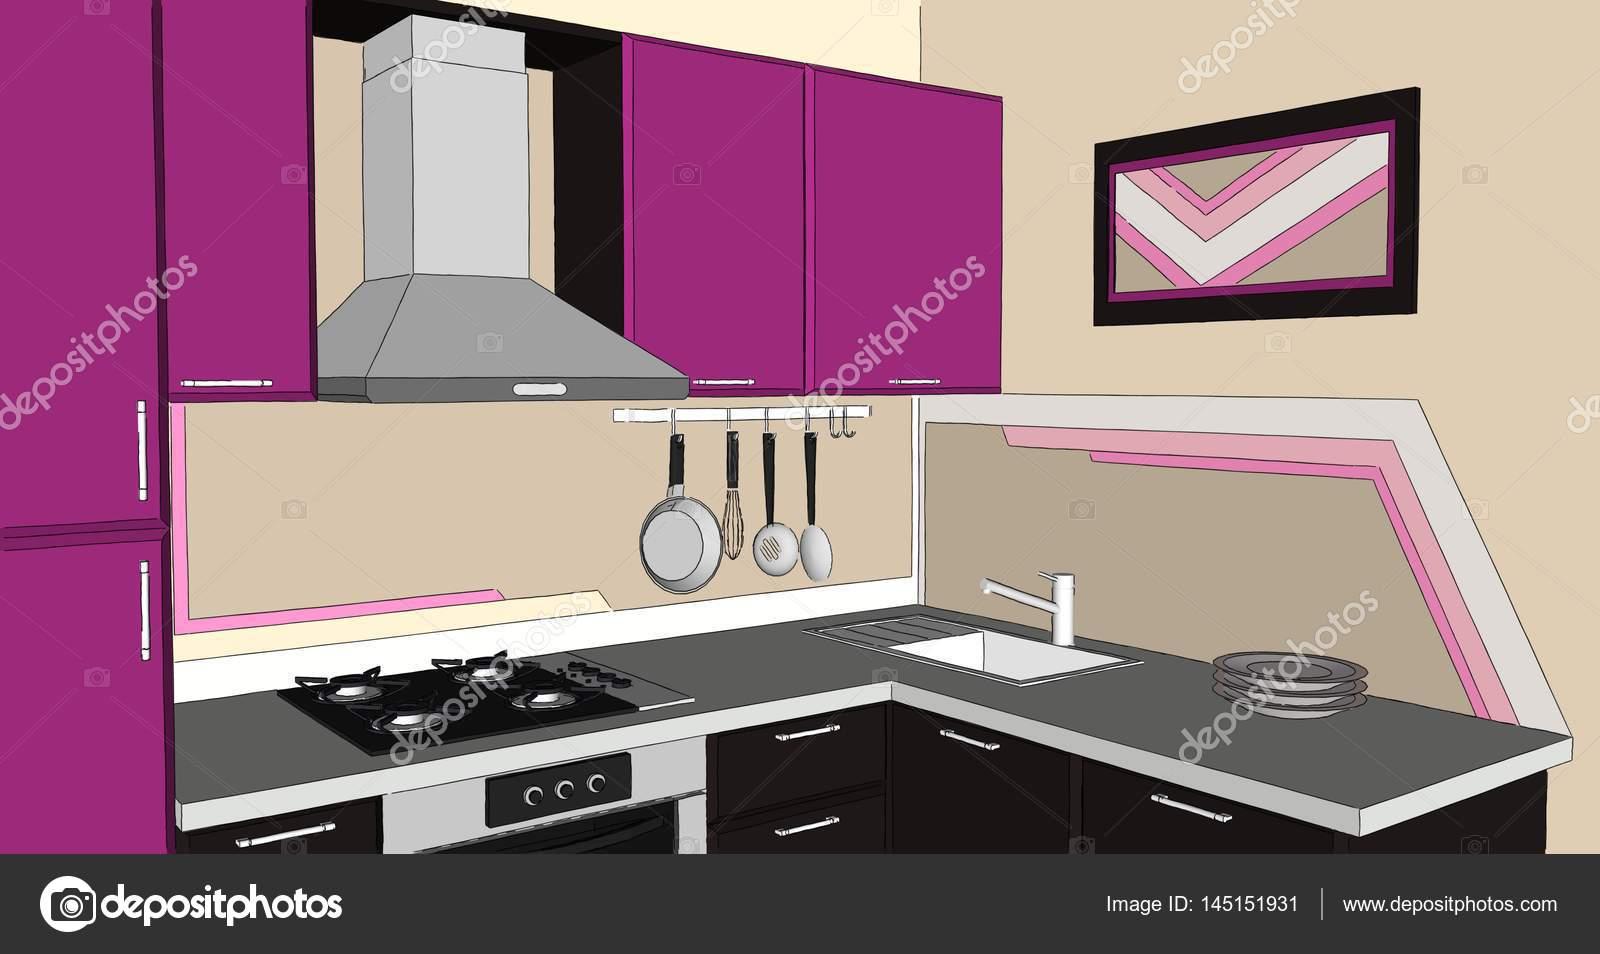 Cucina Moderna Fuxia.Illustrazione 3d Di Moderno Fuxia E Marrone Angolo Cucina